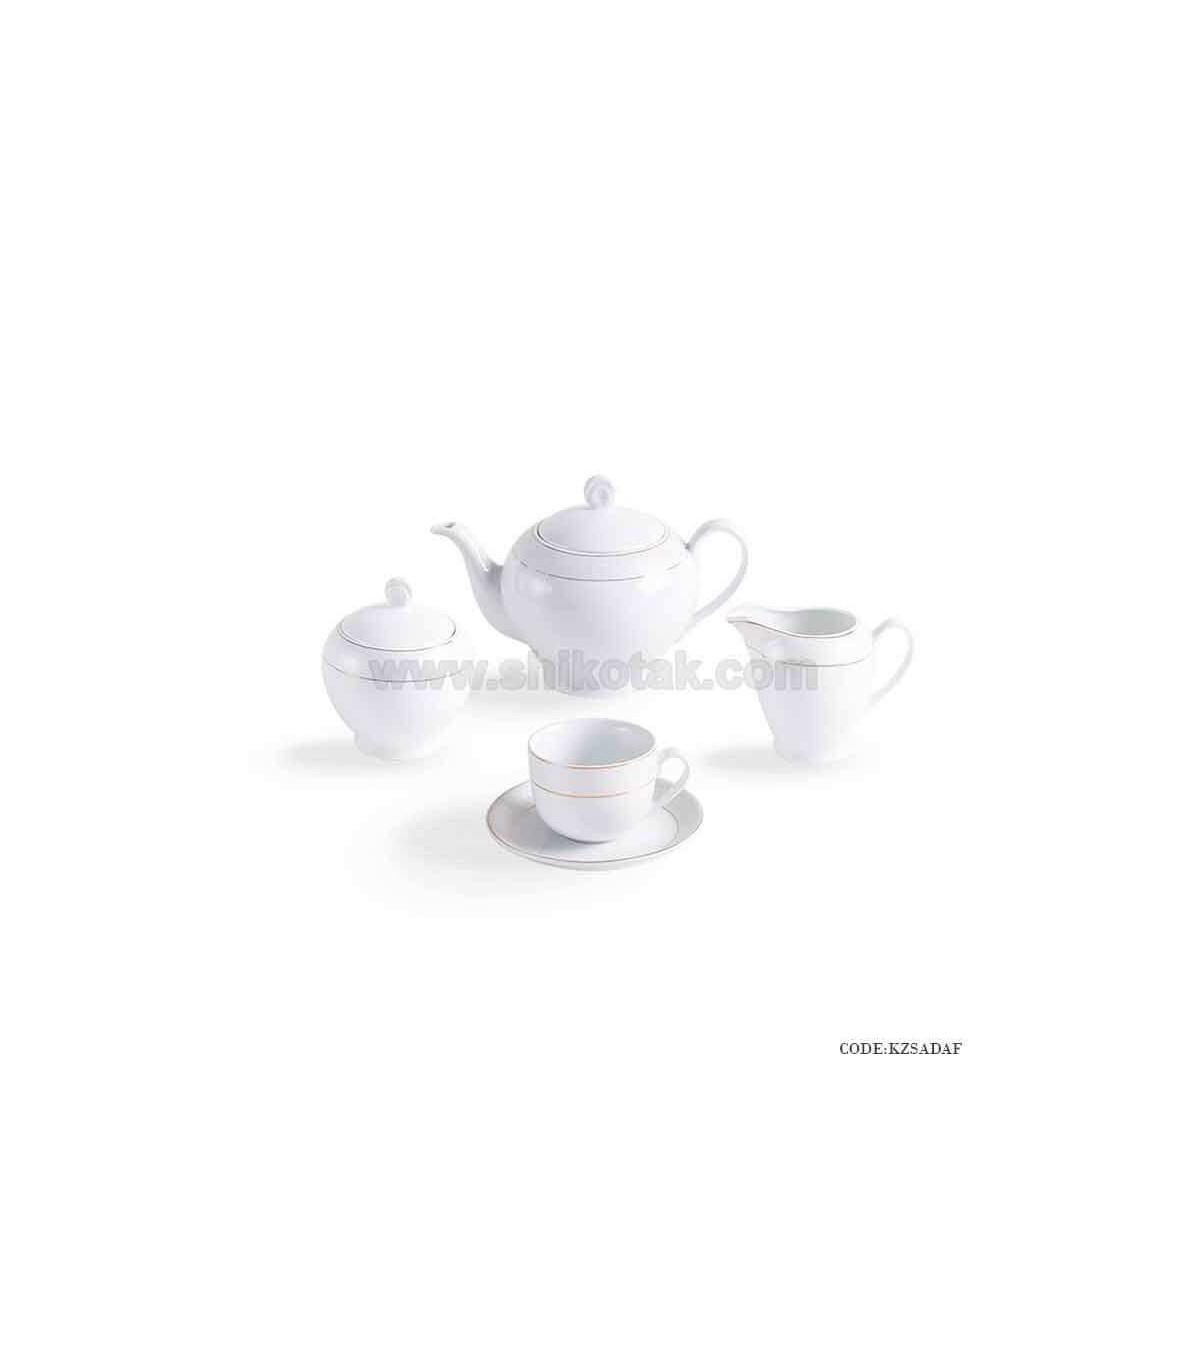 سرویس چایخوری چینی زرین 6 نفره زرین طرح سپید صدف